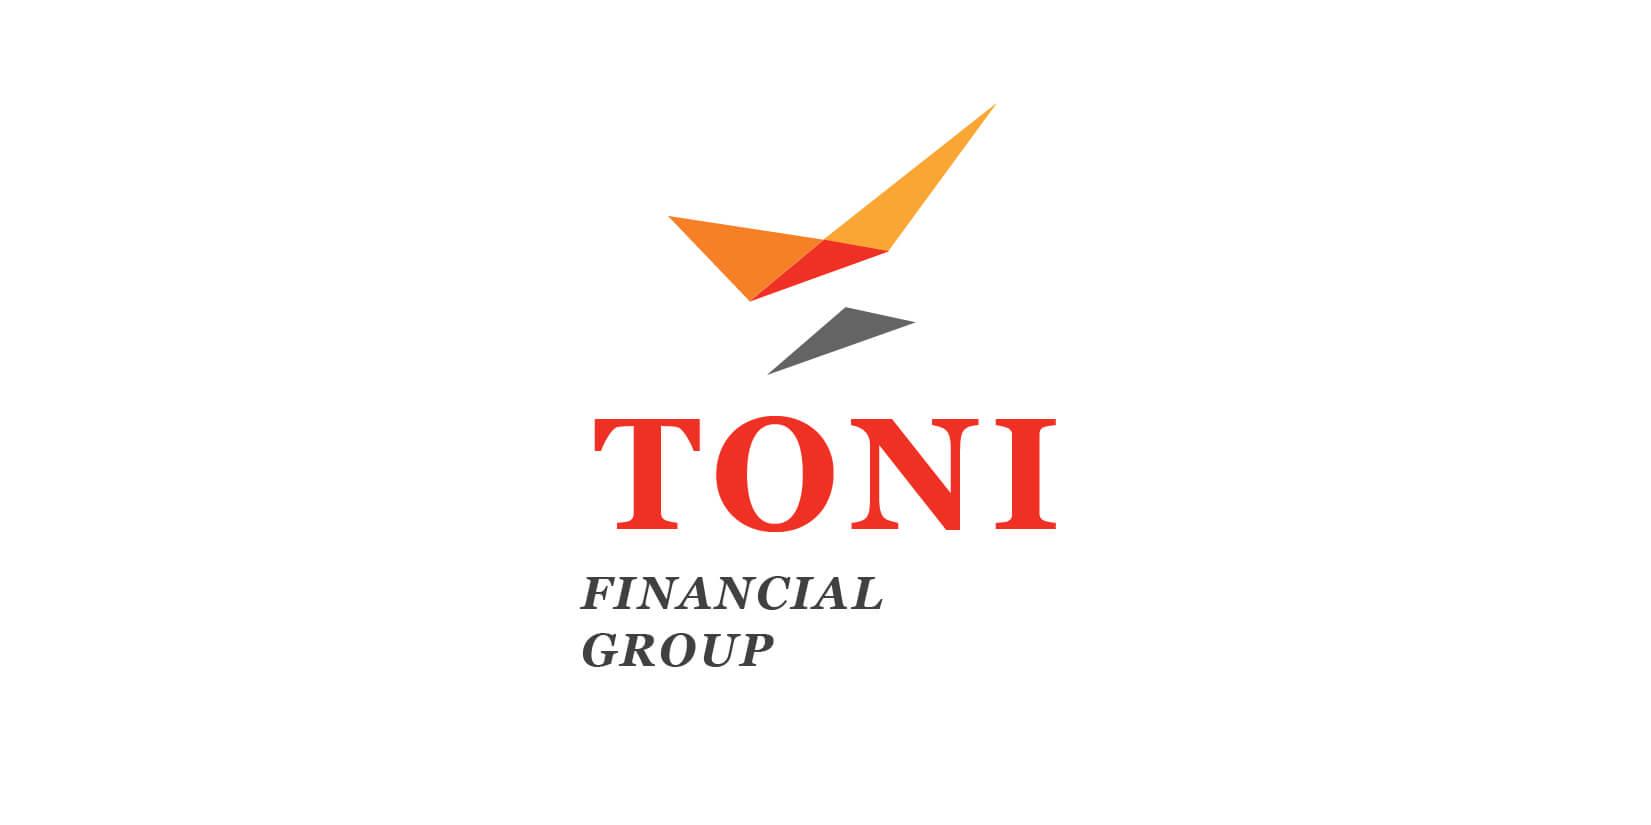 TONI-01-2.jpg